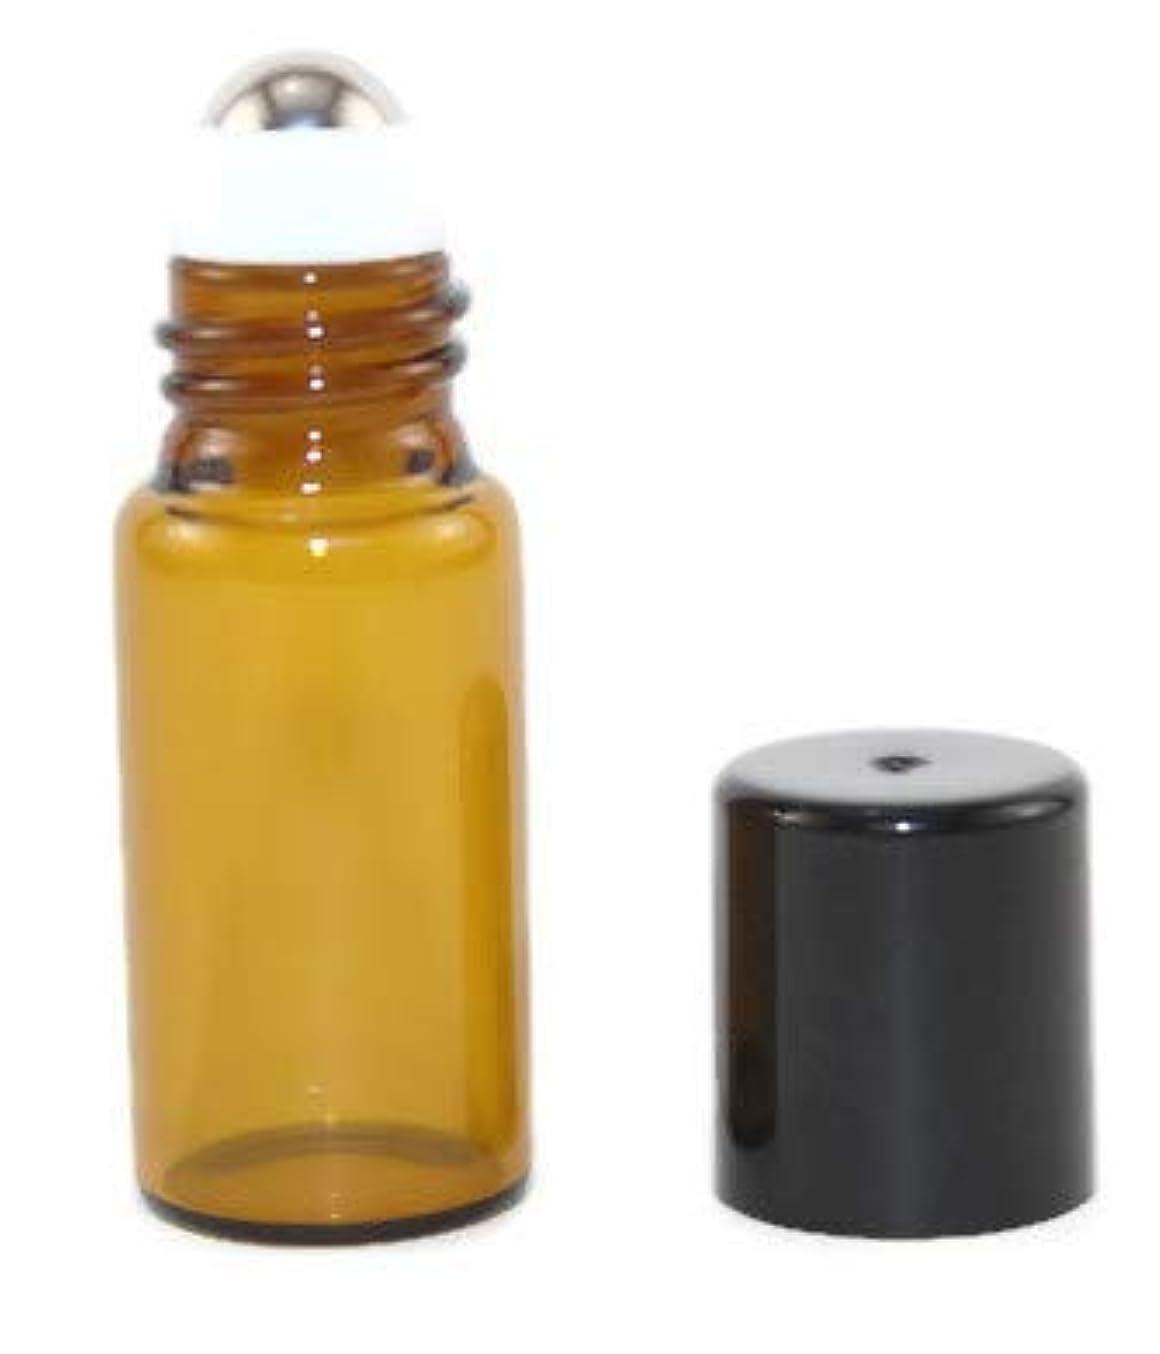 罹患率急勾配のトンネルUSA 144 Amber Glass 3 ml Mini Roll-On Glass Bottles with Stainless Steel Roller Balls - Refillable Aromatherapy...